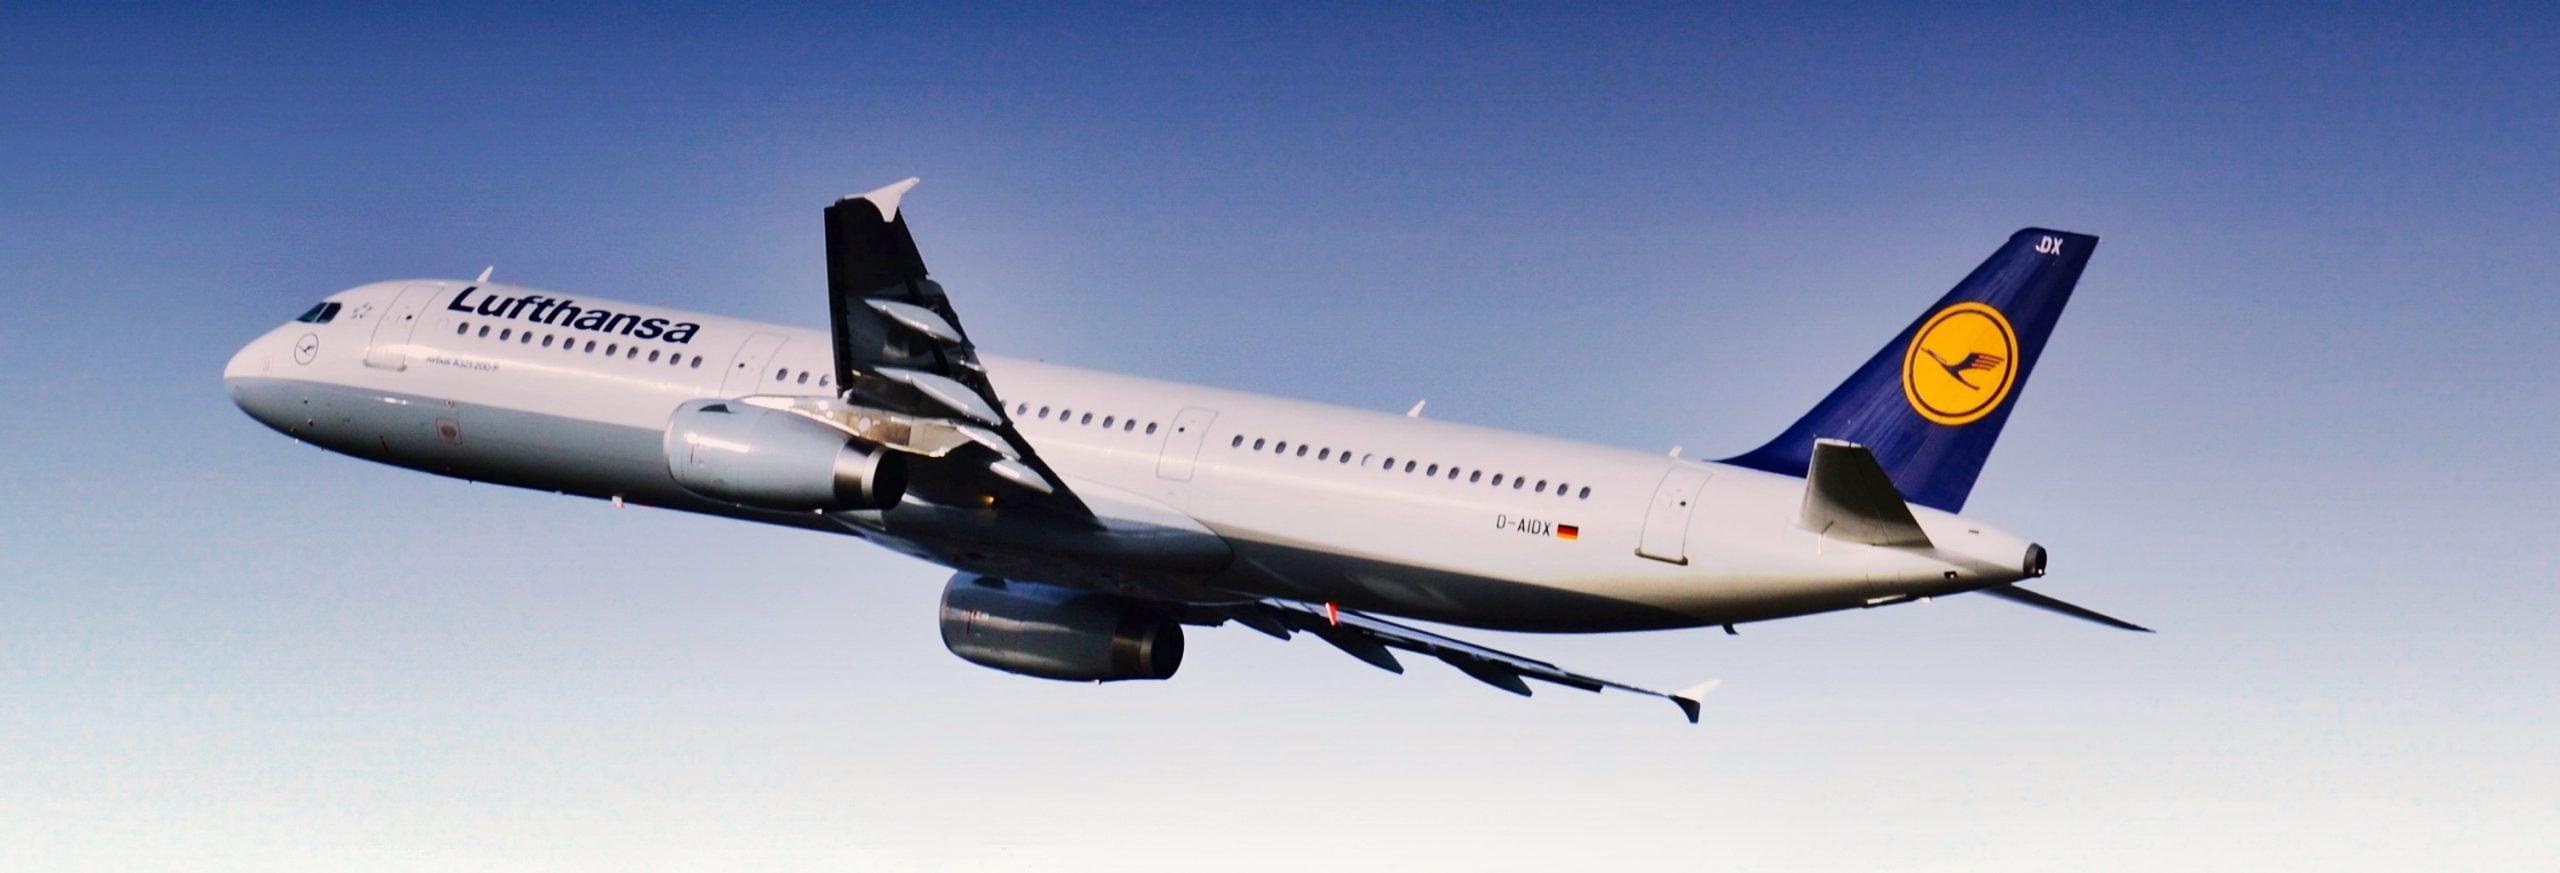 Lufthansa nach Moskau / Russland